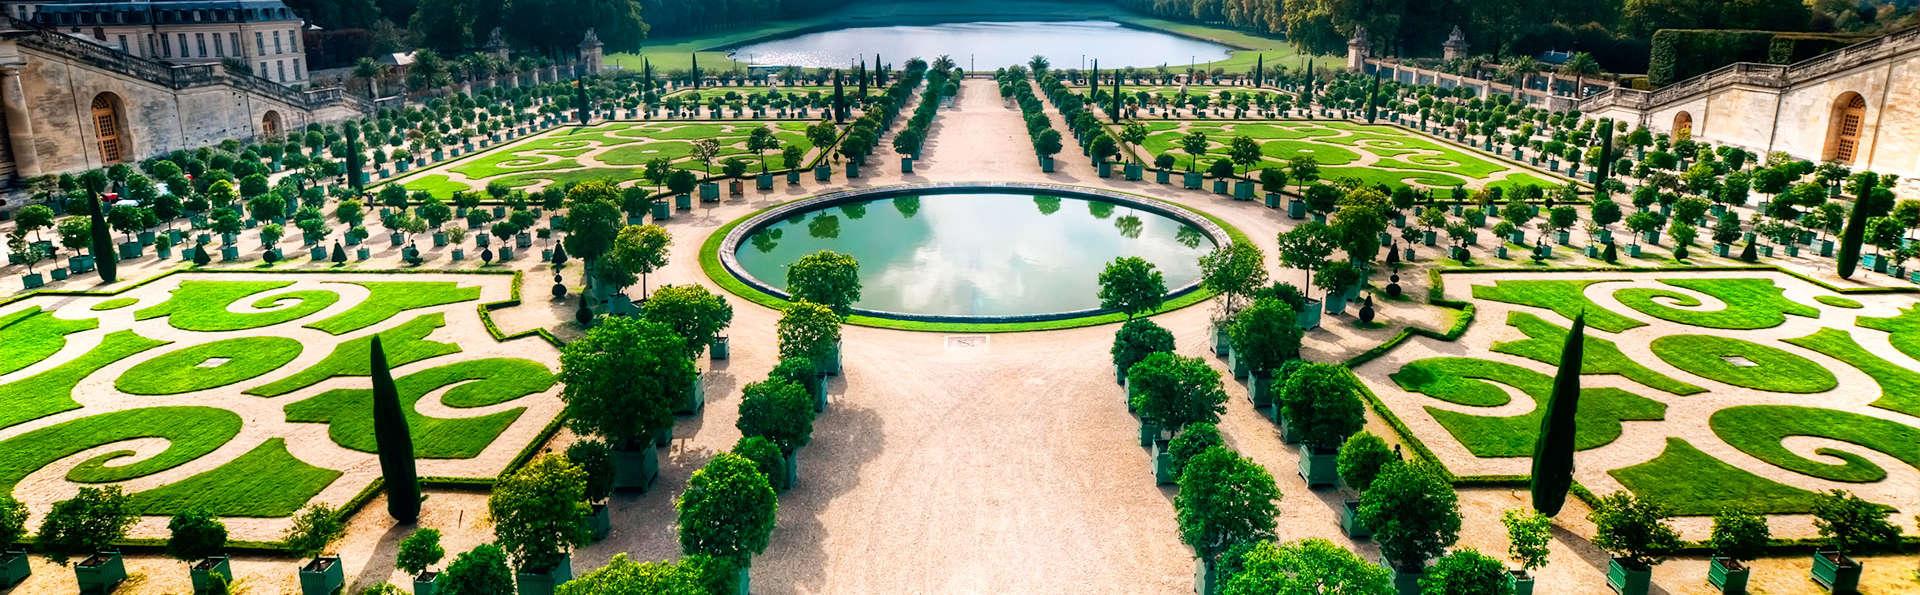 Week-end aux portes de Paris avec entrée au Château de Versailles (Pass 1 jour)